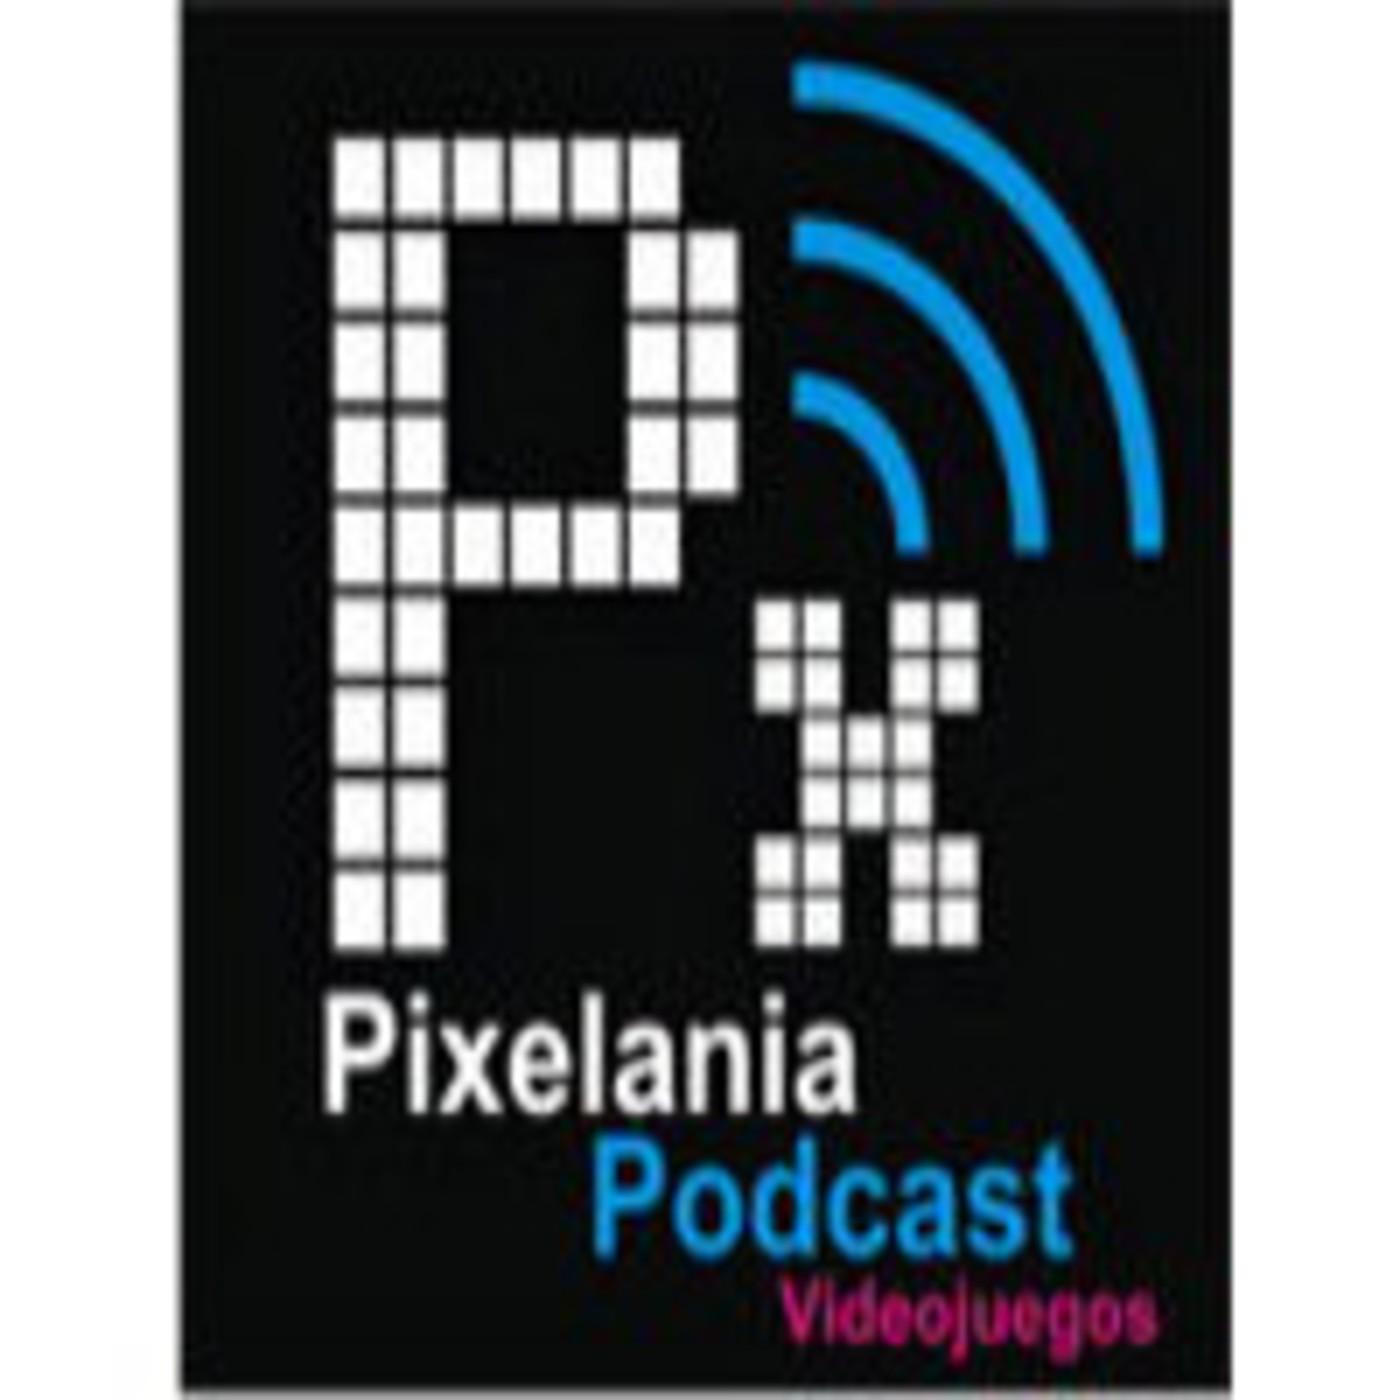 Podcast Pixelania